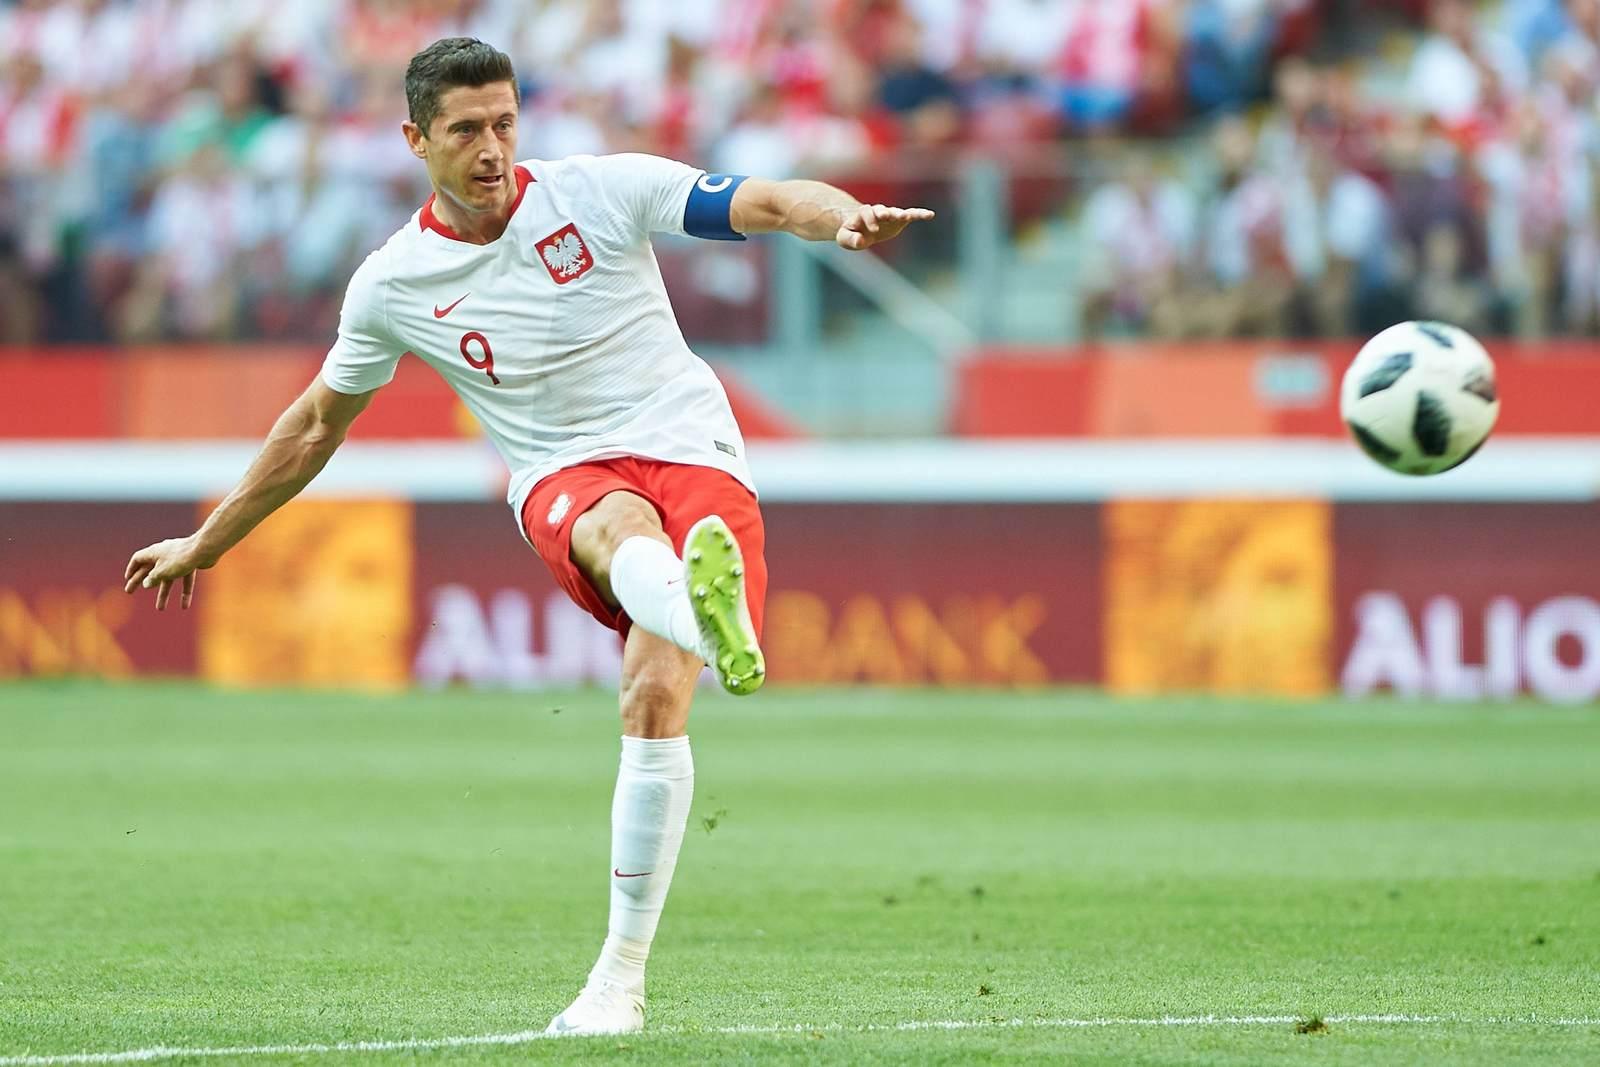 Robert Lewandowski am Ball für Polen. Jetzt auf die Partie Polen gegen Senegal wetten